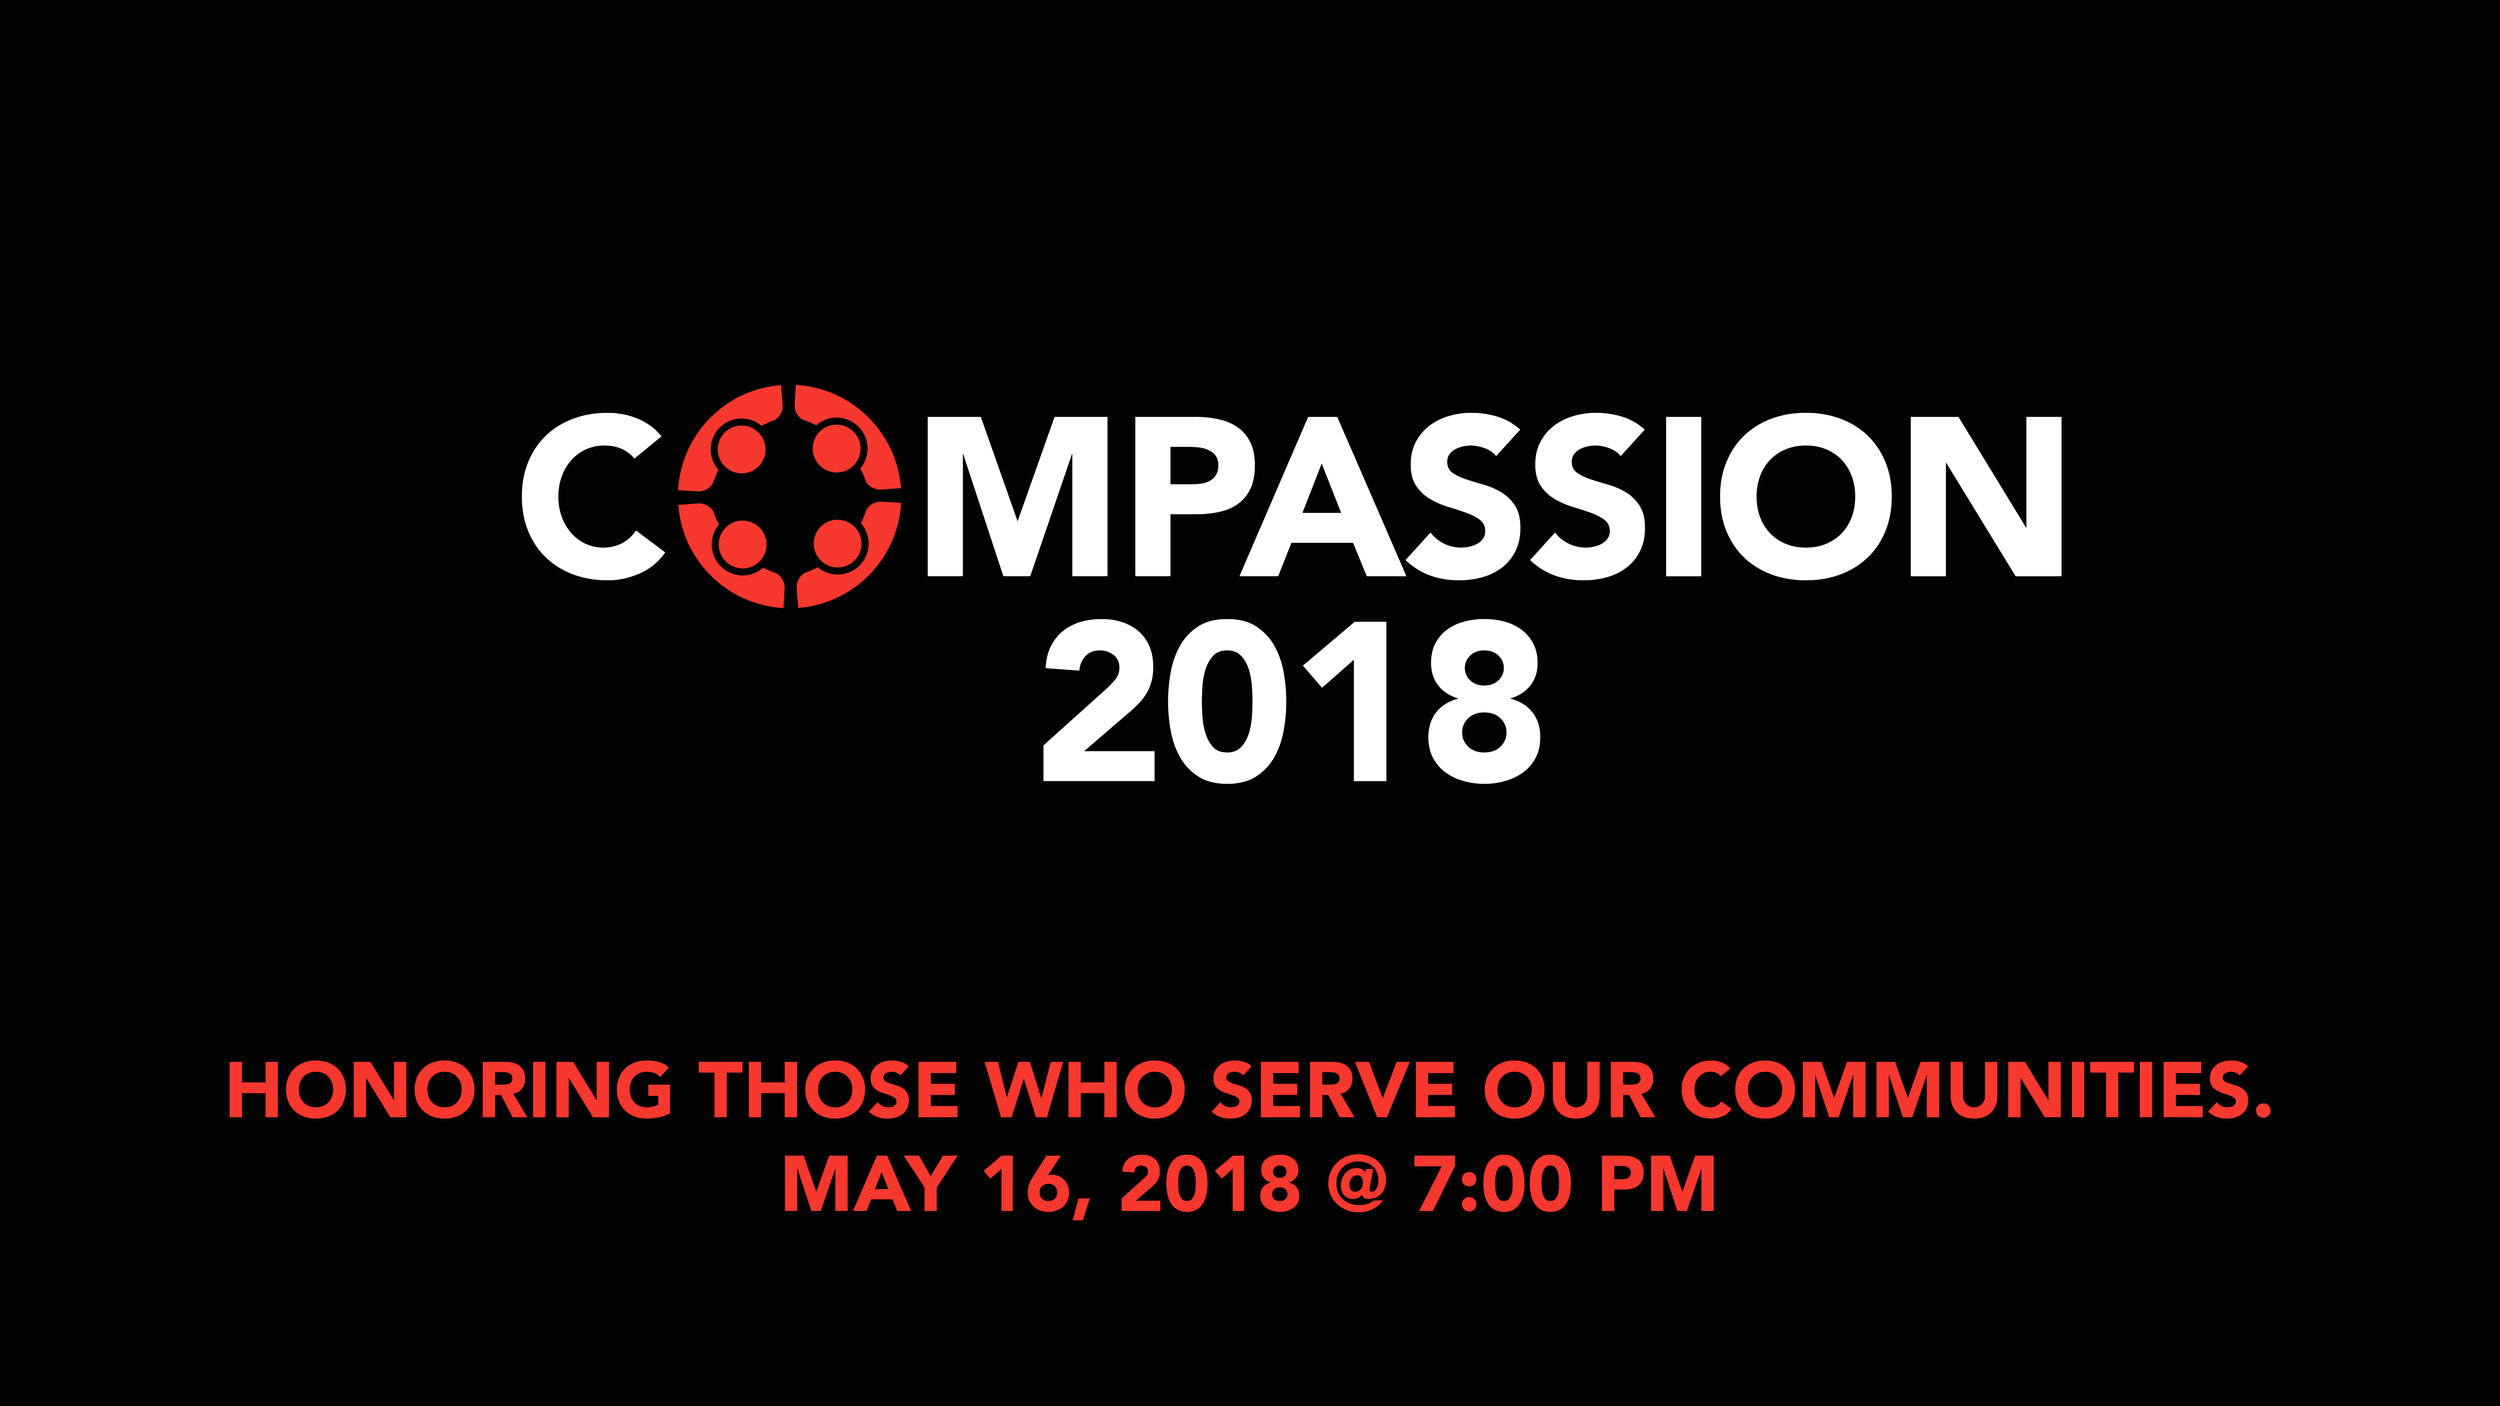 Compassion_2018_Social_Media.jpg